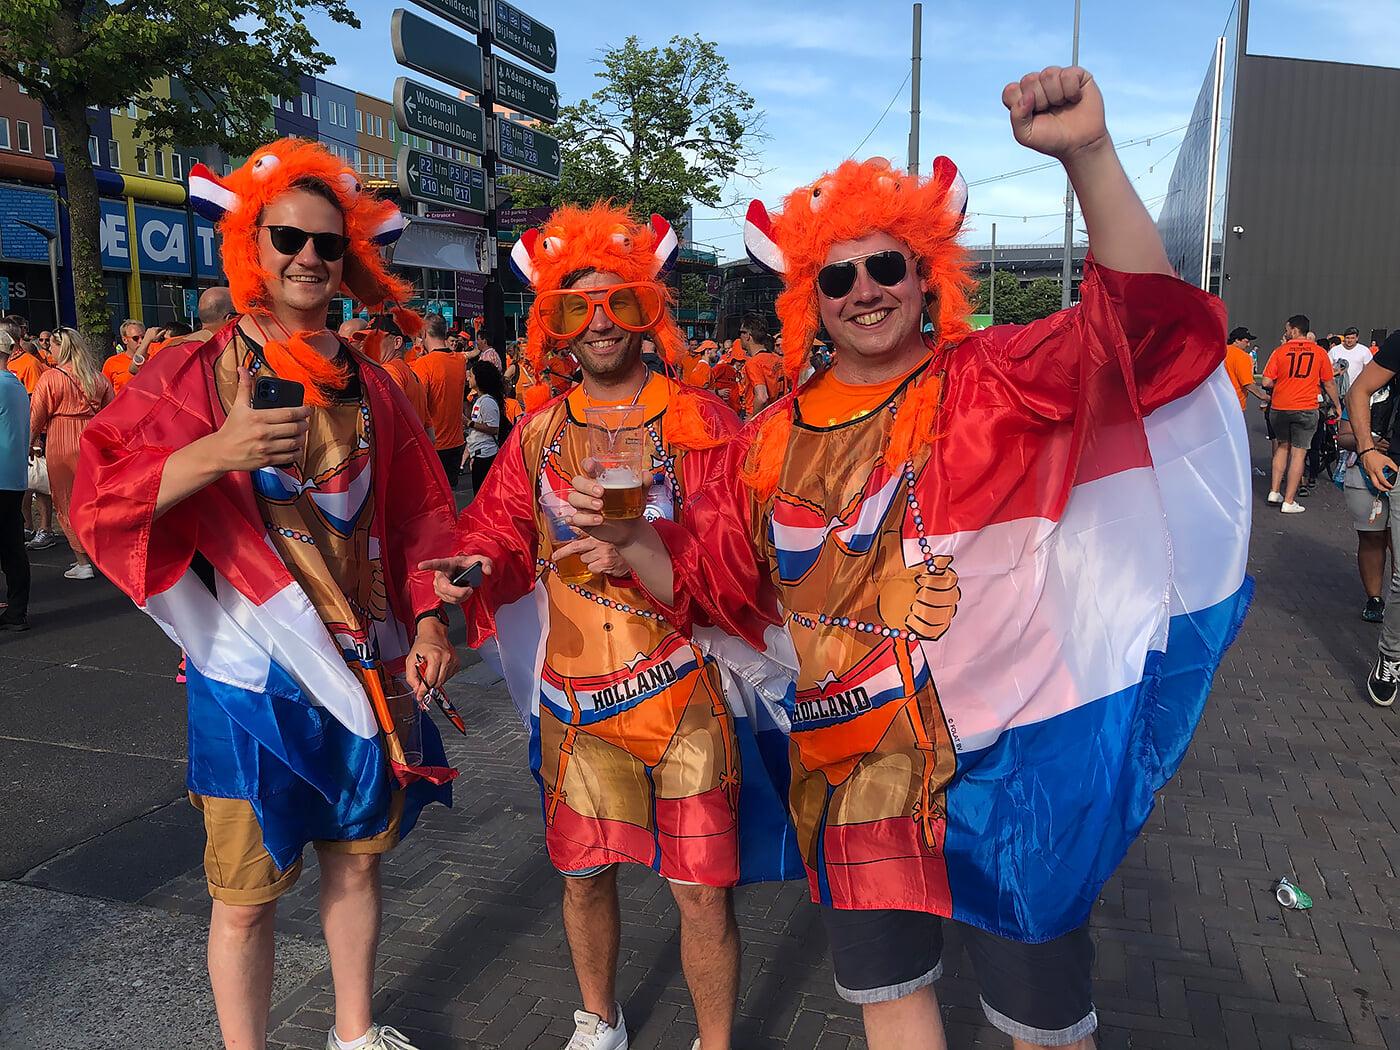 Кайф из Амстердама: голландцы и австрийцы напомнили, что Евро – это праздник